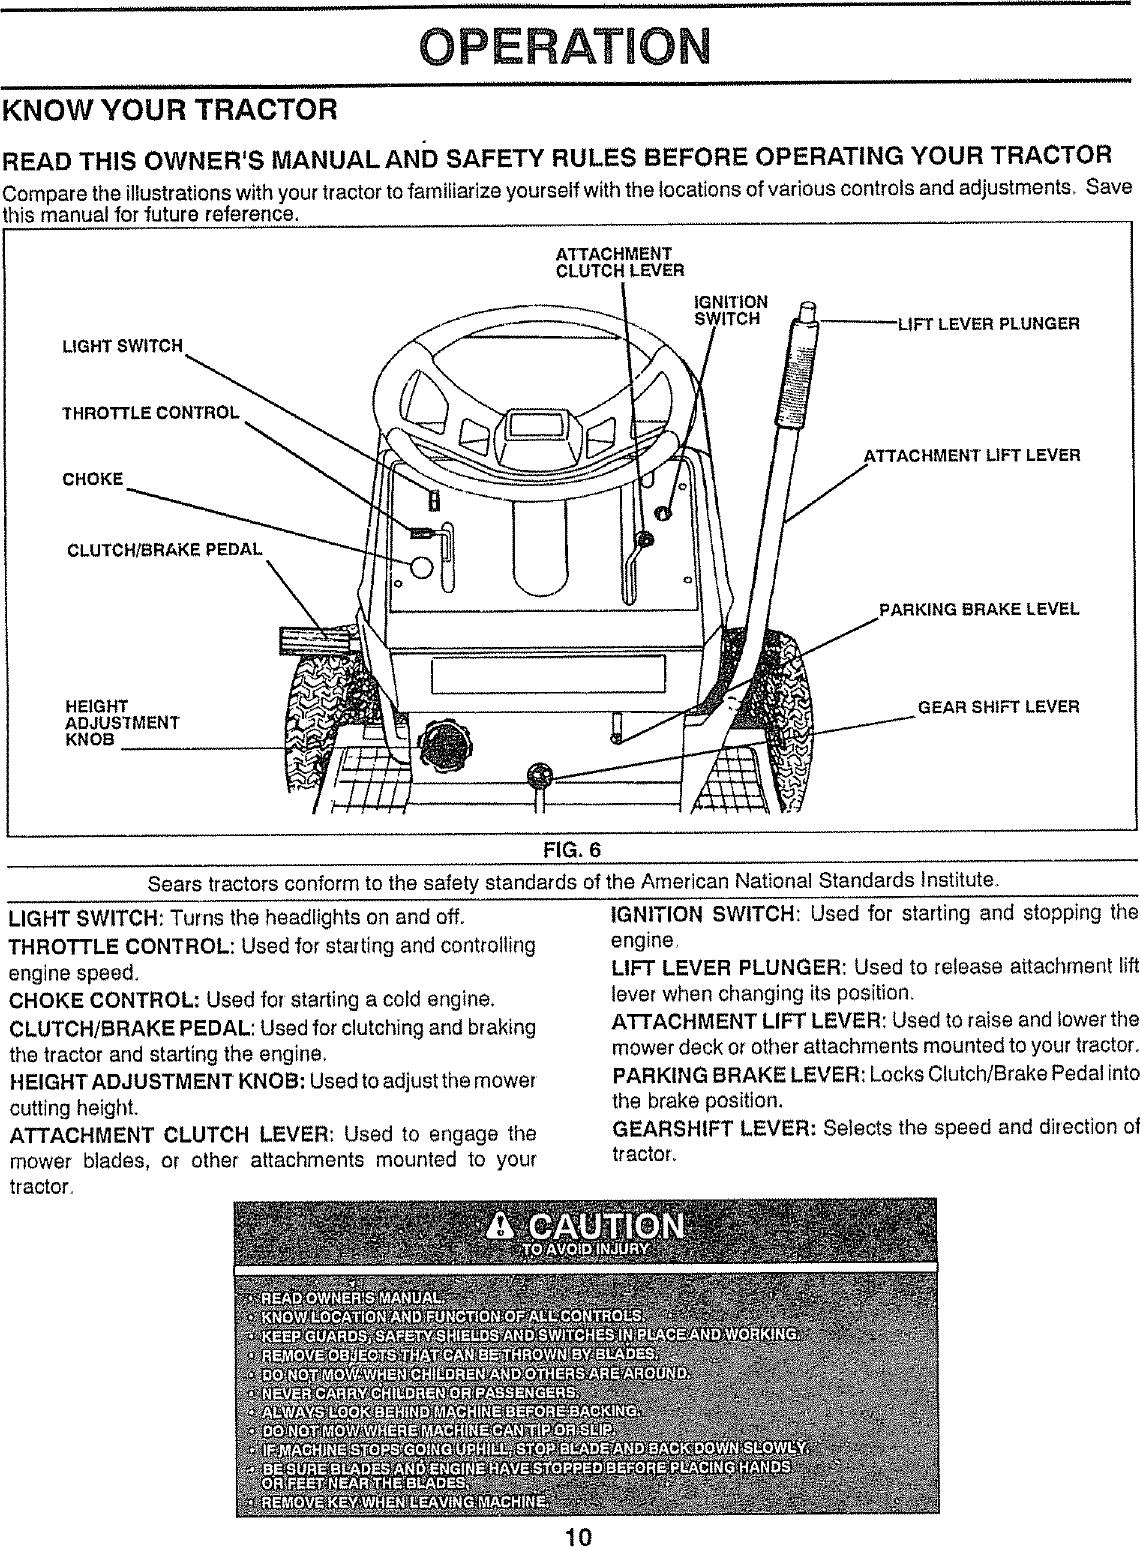 Craftsman 917257480 User Manual 18 HP 38 RIDING GARDEN